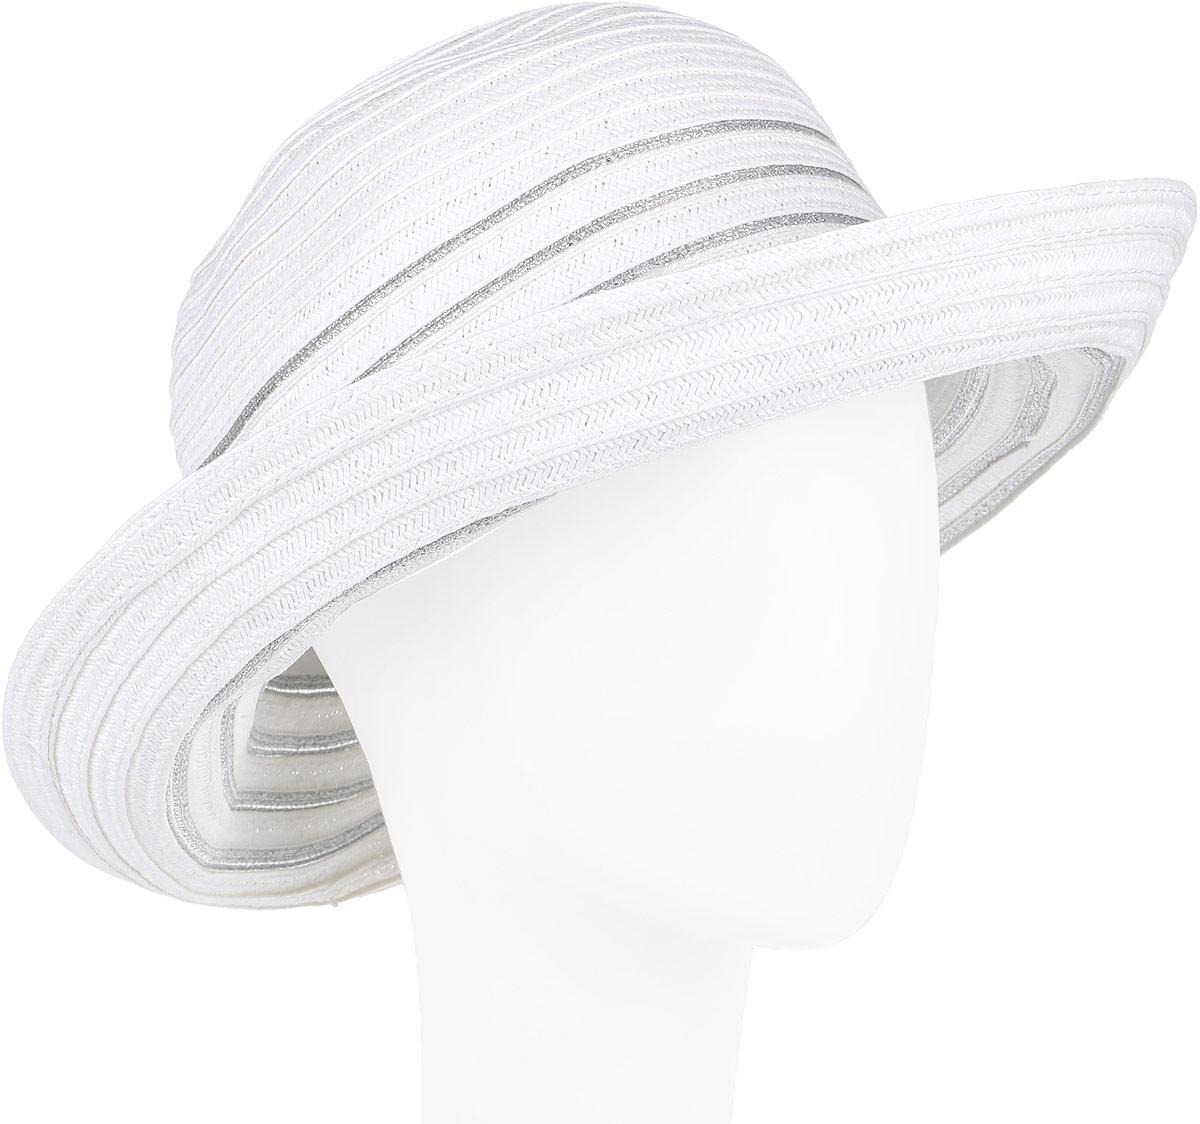 Шляпа женская Fabretti, цвет: белый. G27-4. Размер универсальныйG27-4 WHITEСтильная шляпа от Fabretti для пляжного отдыха и прогулок в солнечные дни.